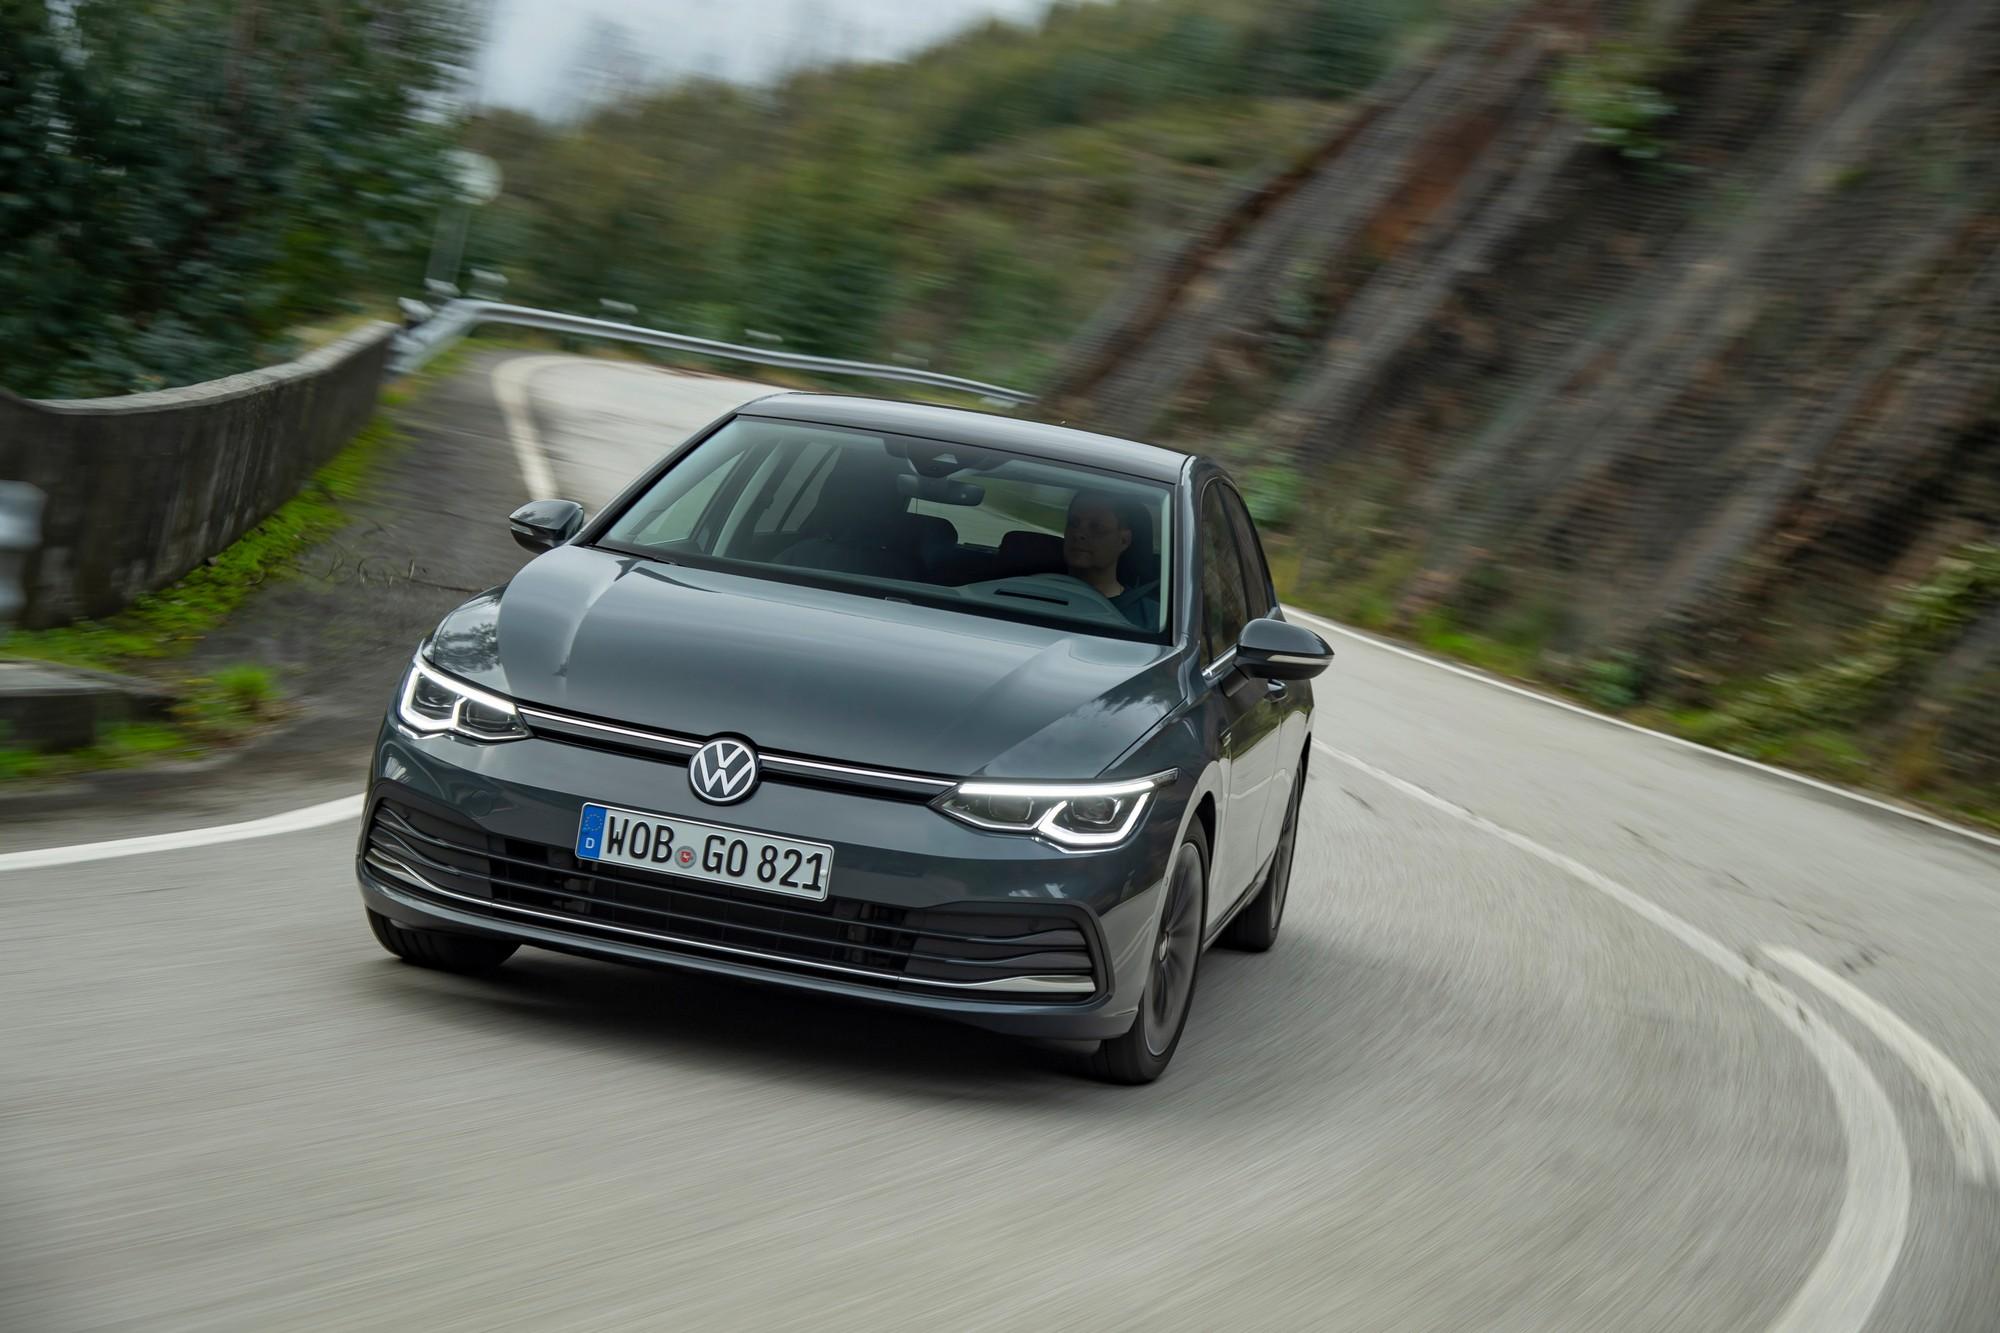 Bosch использует датчики Volkswagen Golf 8, чтобы создавать многослойные дорожные профили для автономных автомобилей - ITC.ua